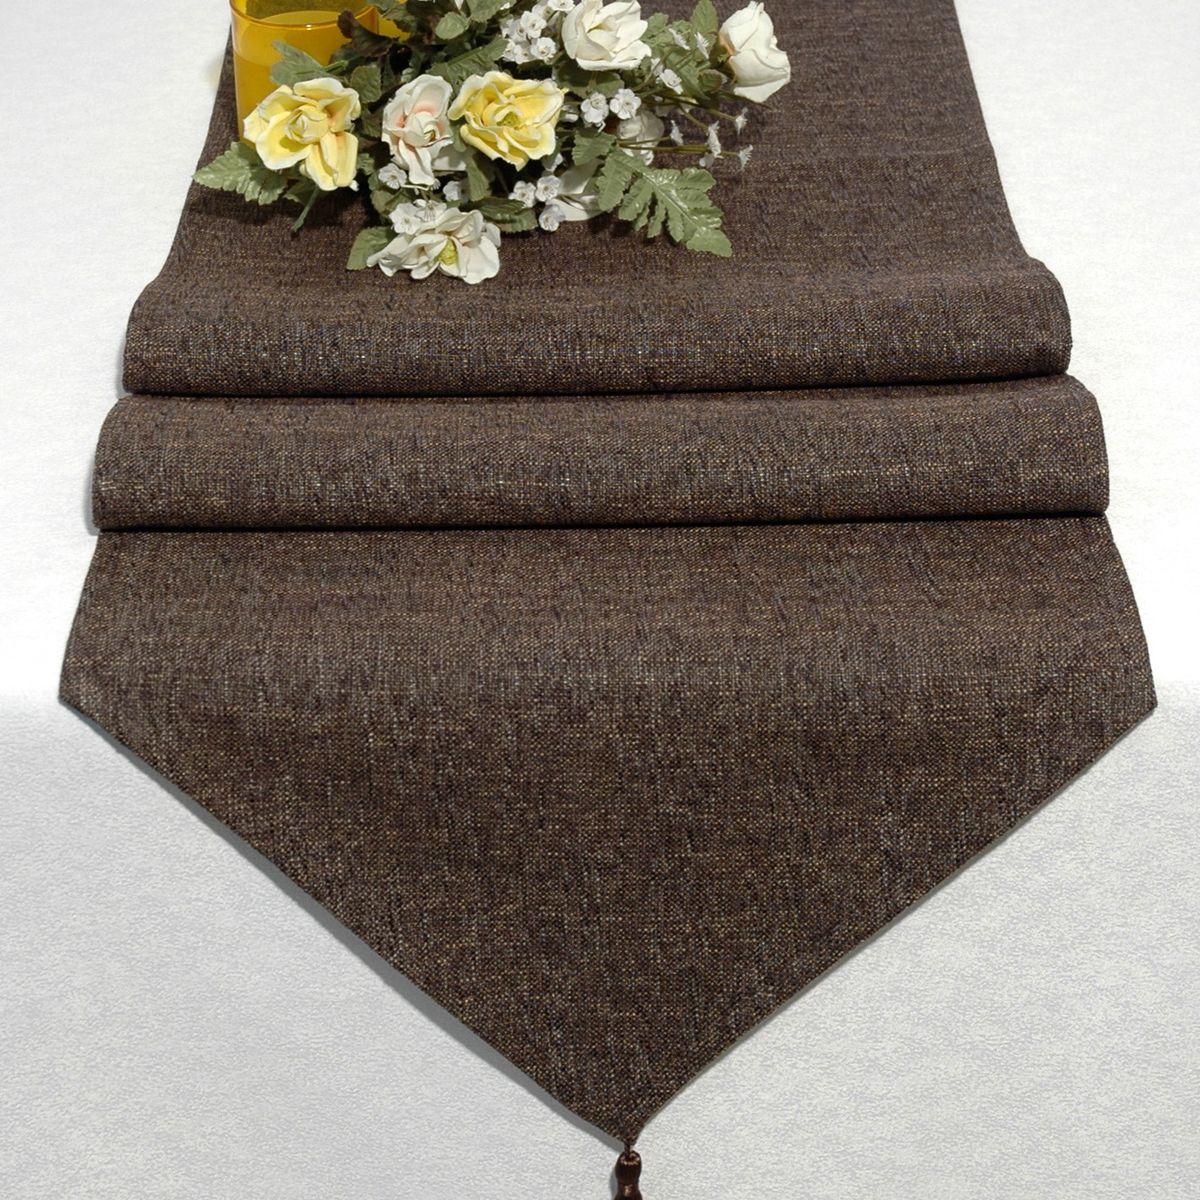 Дорожка для декорирования стола Schaefer, 40 x 160 см, цвет: коричневый. 06749-254VT-1520(SR)Дорожка для декорирования стола Schaefer может быть использована, как основной элемент, так и дополнение для создания уюта и романтического настроения.Дорожка выполнена из полиэстера. Изделие легко стирать: оно не мнется, не садится и быстро сохнет, более долговечно, чем изделие из натуральных волокон.Материал: полиэстер, акрил Размер: 40 x 160 см.